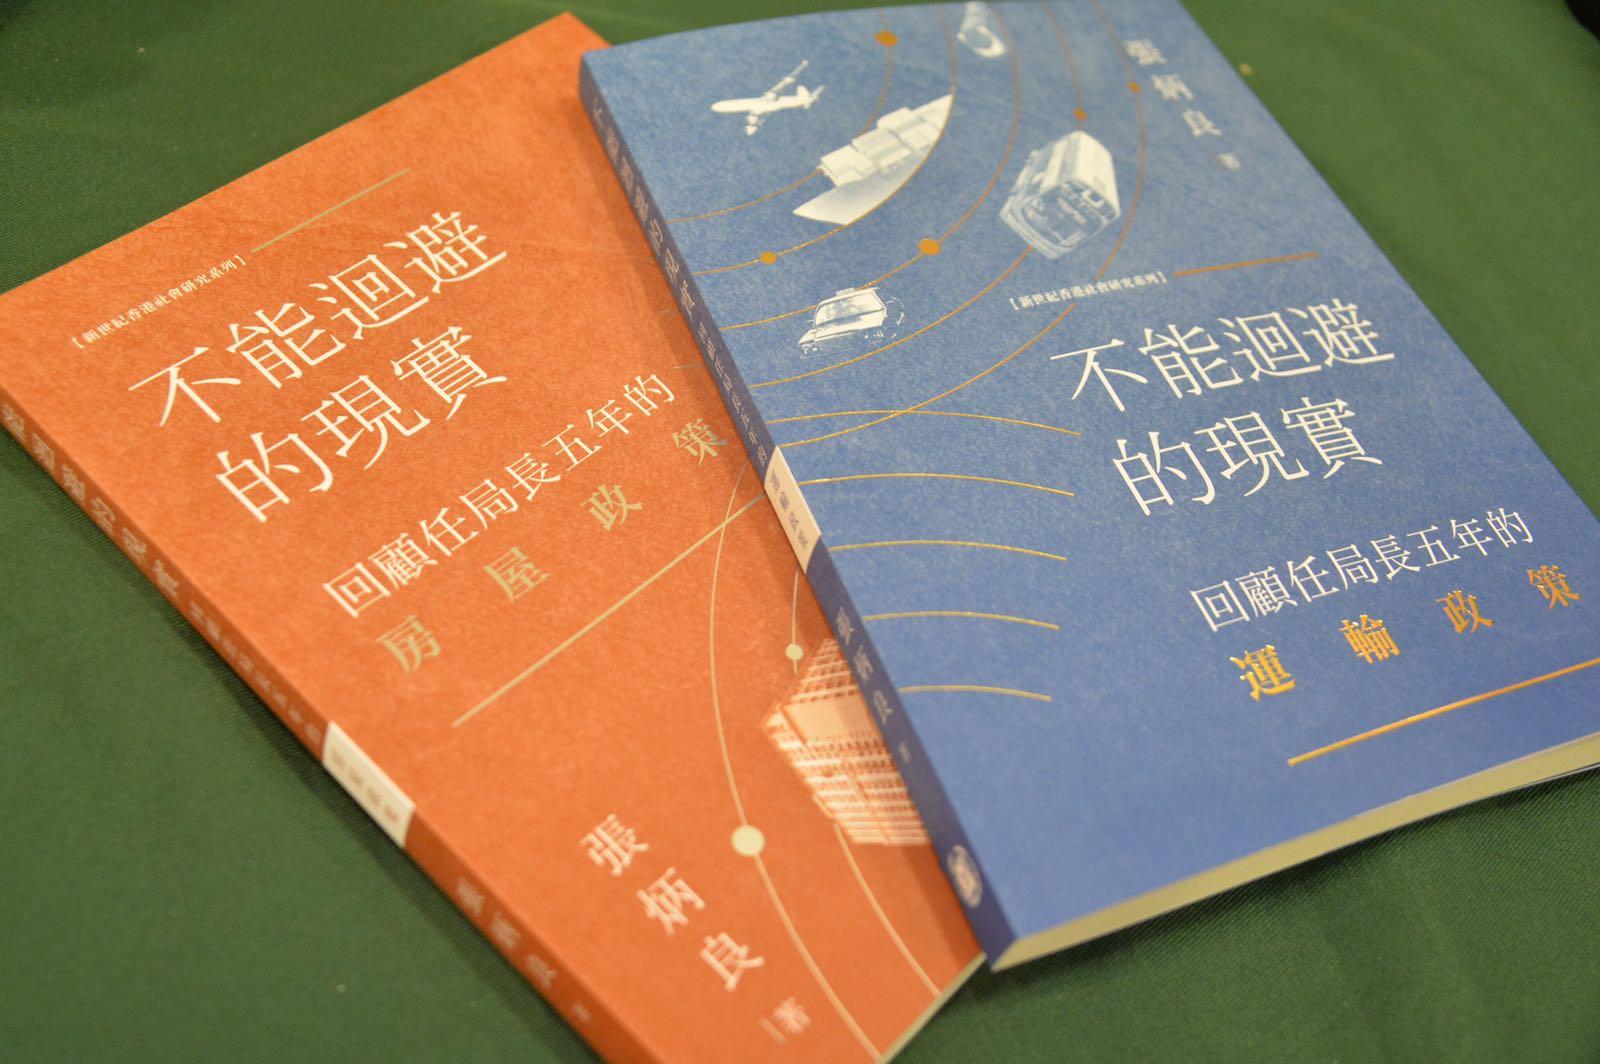 張炳良新書《不能迴避的現實》。盧江球攝